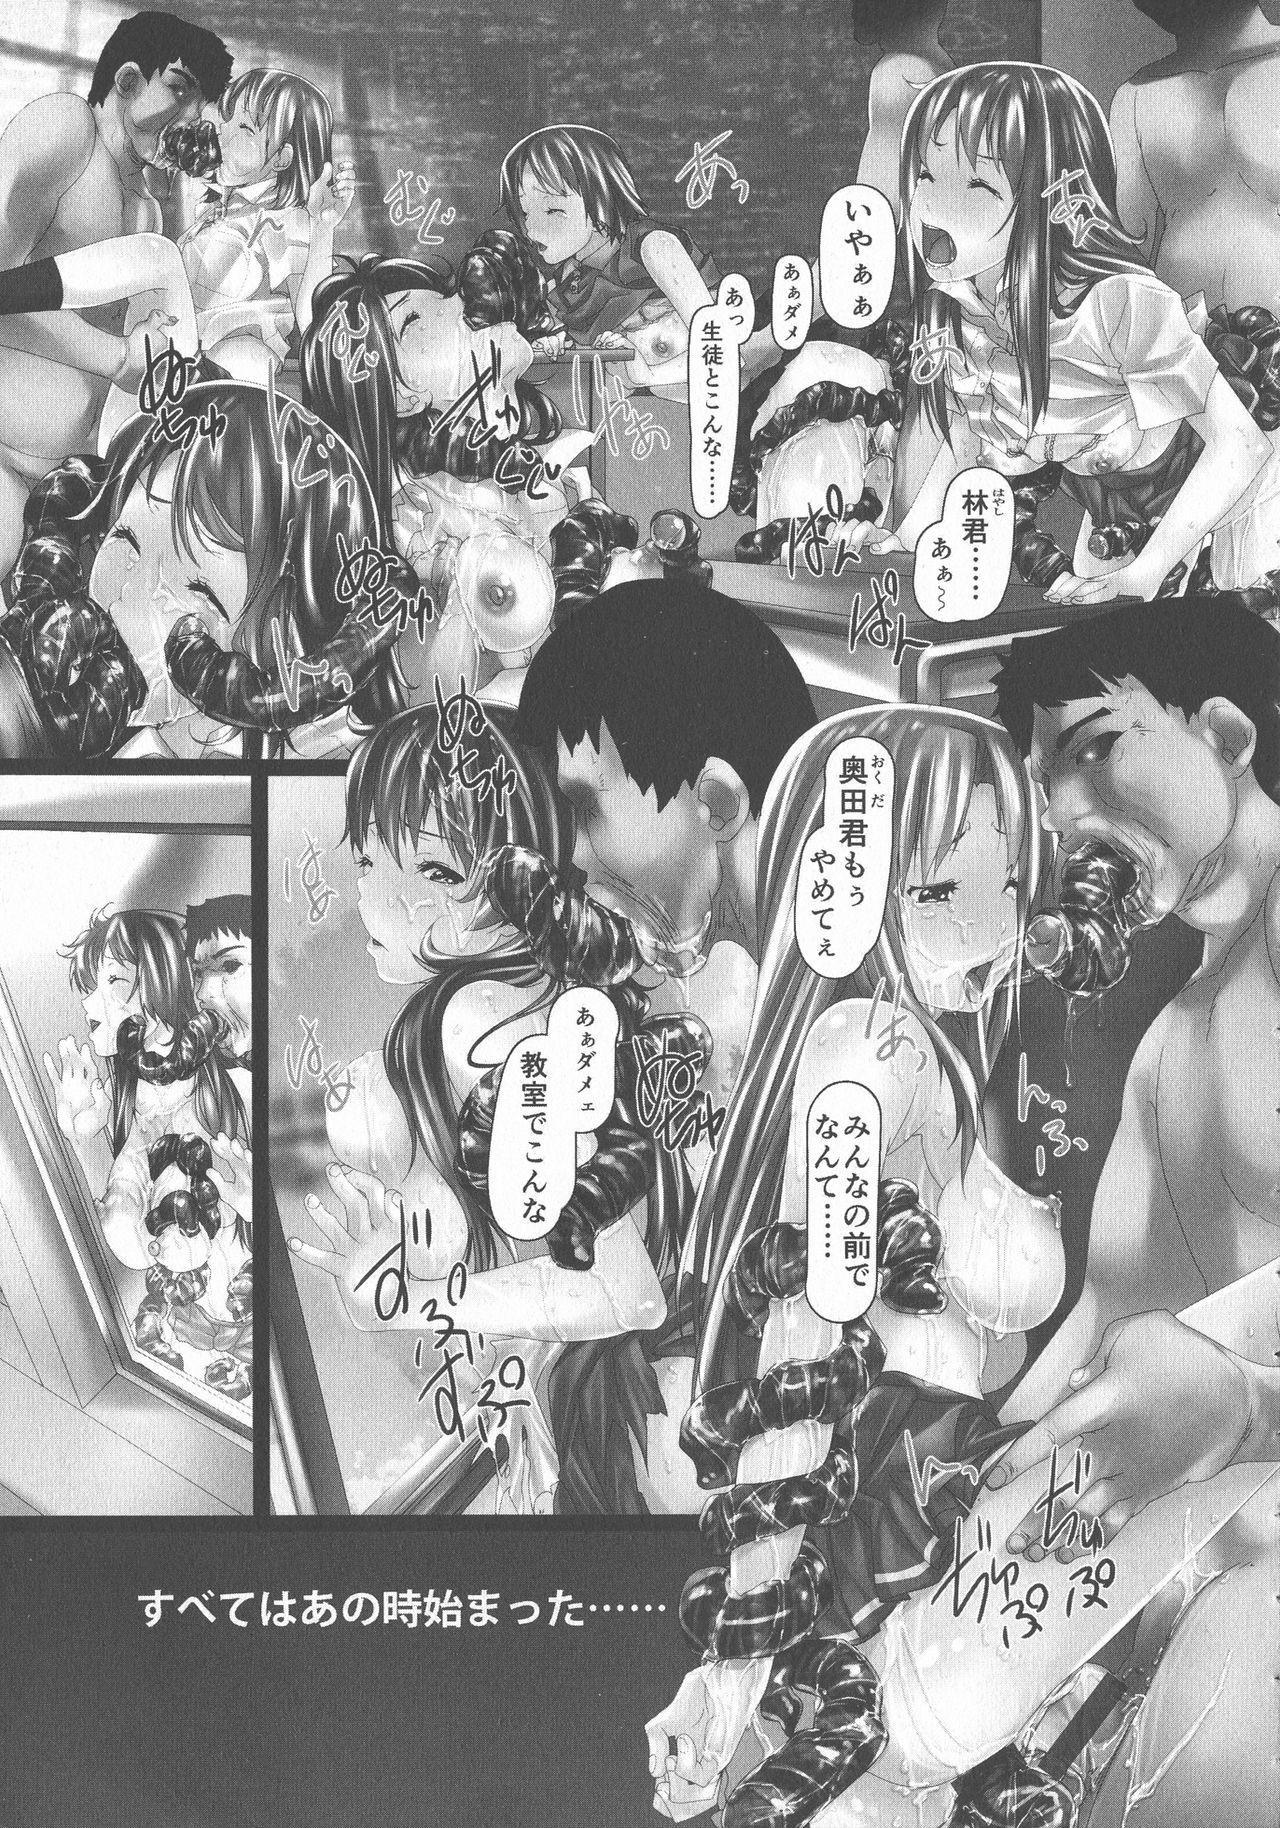 Jochiku no Utage 170